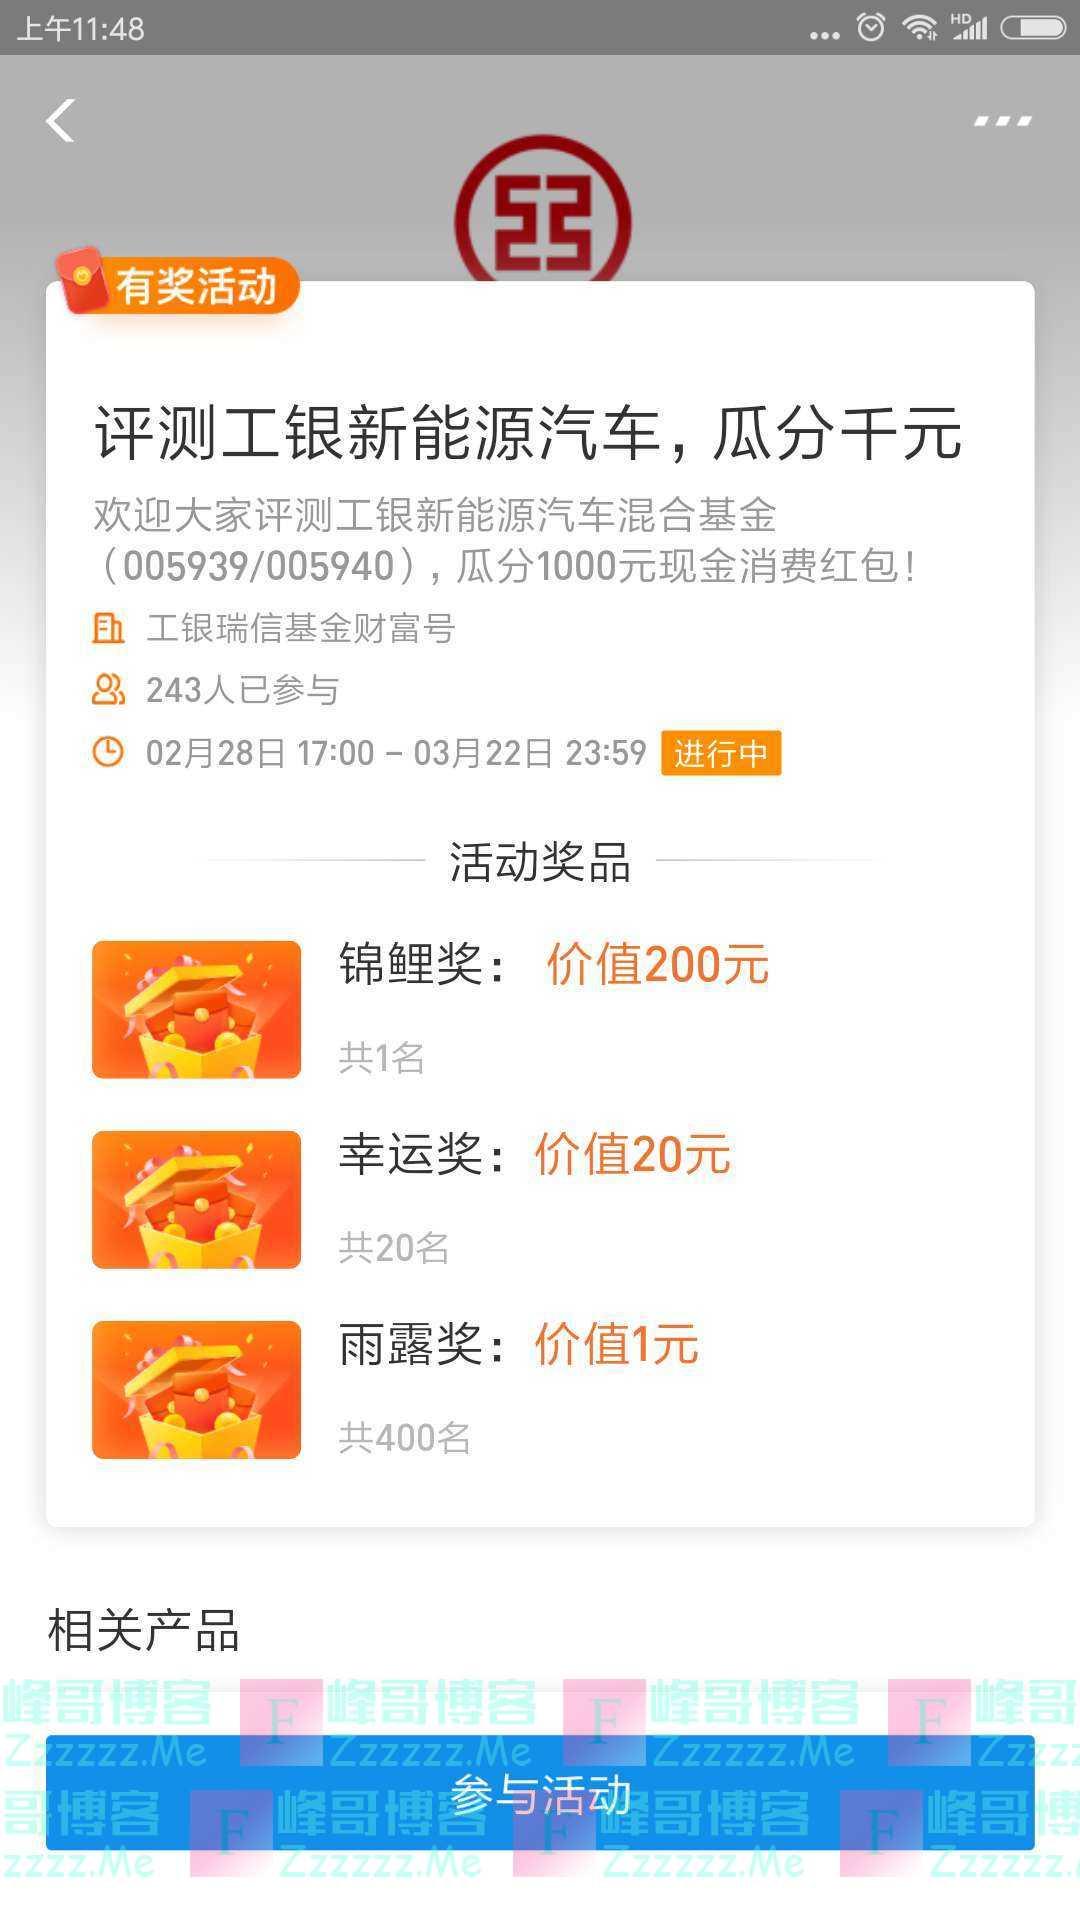 工银瑞信基金评测工银新能源汽车瓜分千元(截止3月22日)